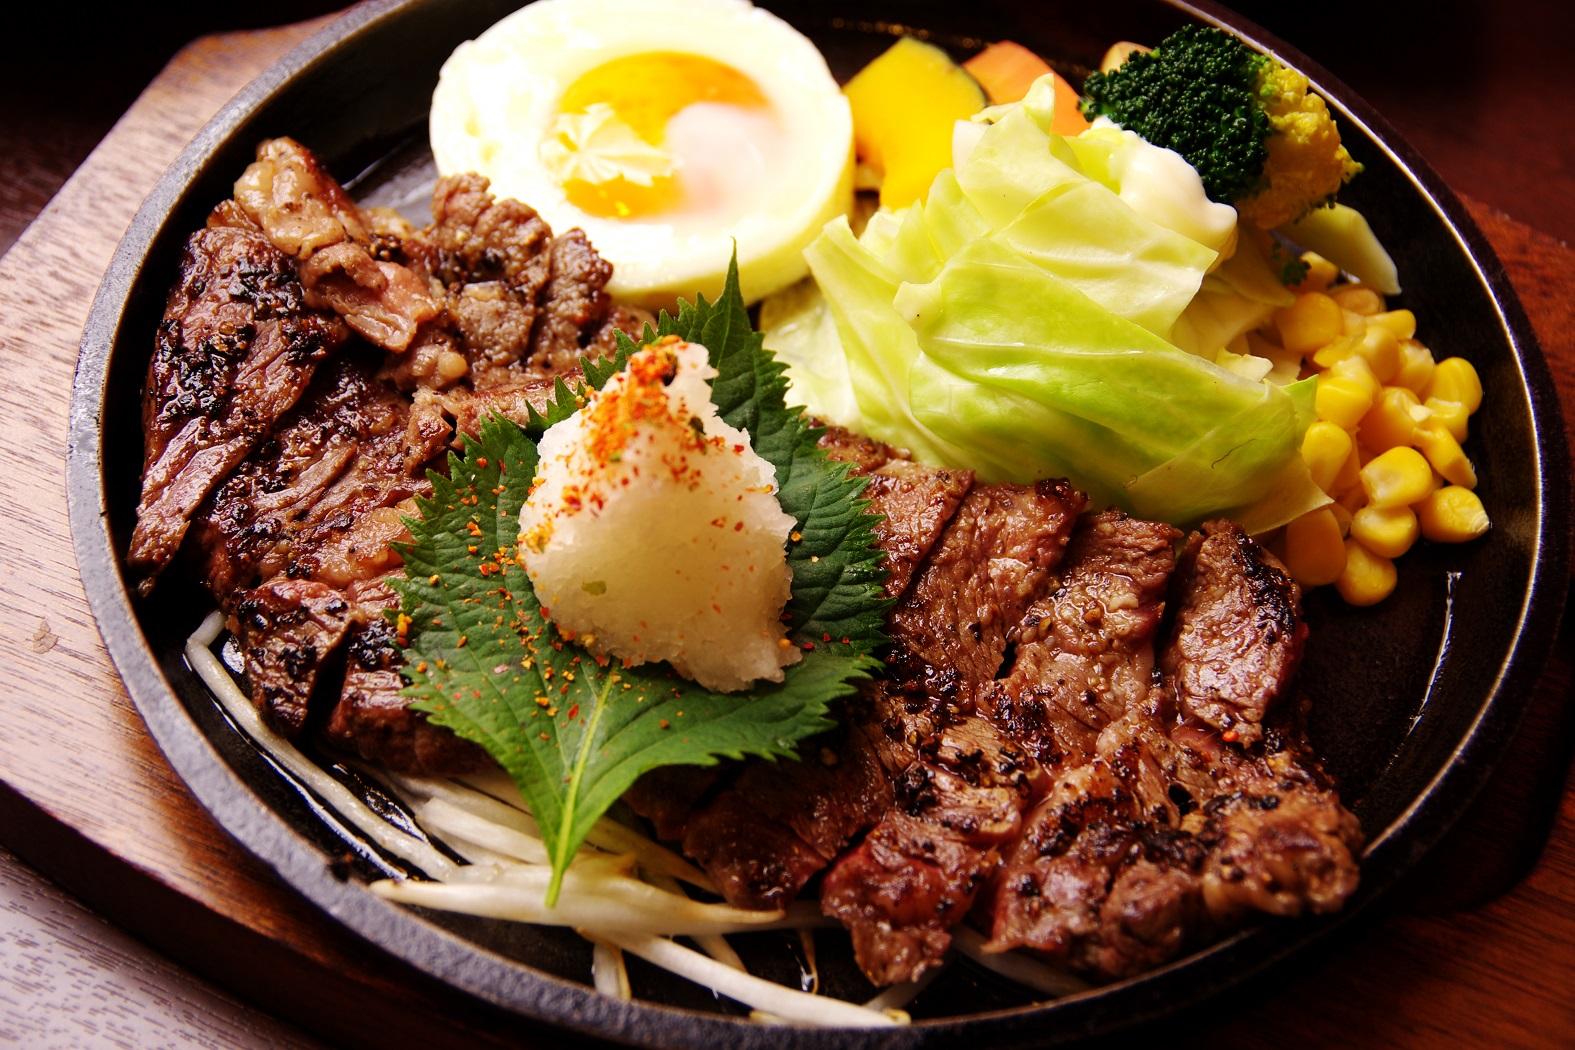 昼から沸きあがる「肉食べたい!」欲を満たす、両国の洋食店へ行くべしっ!